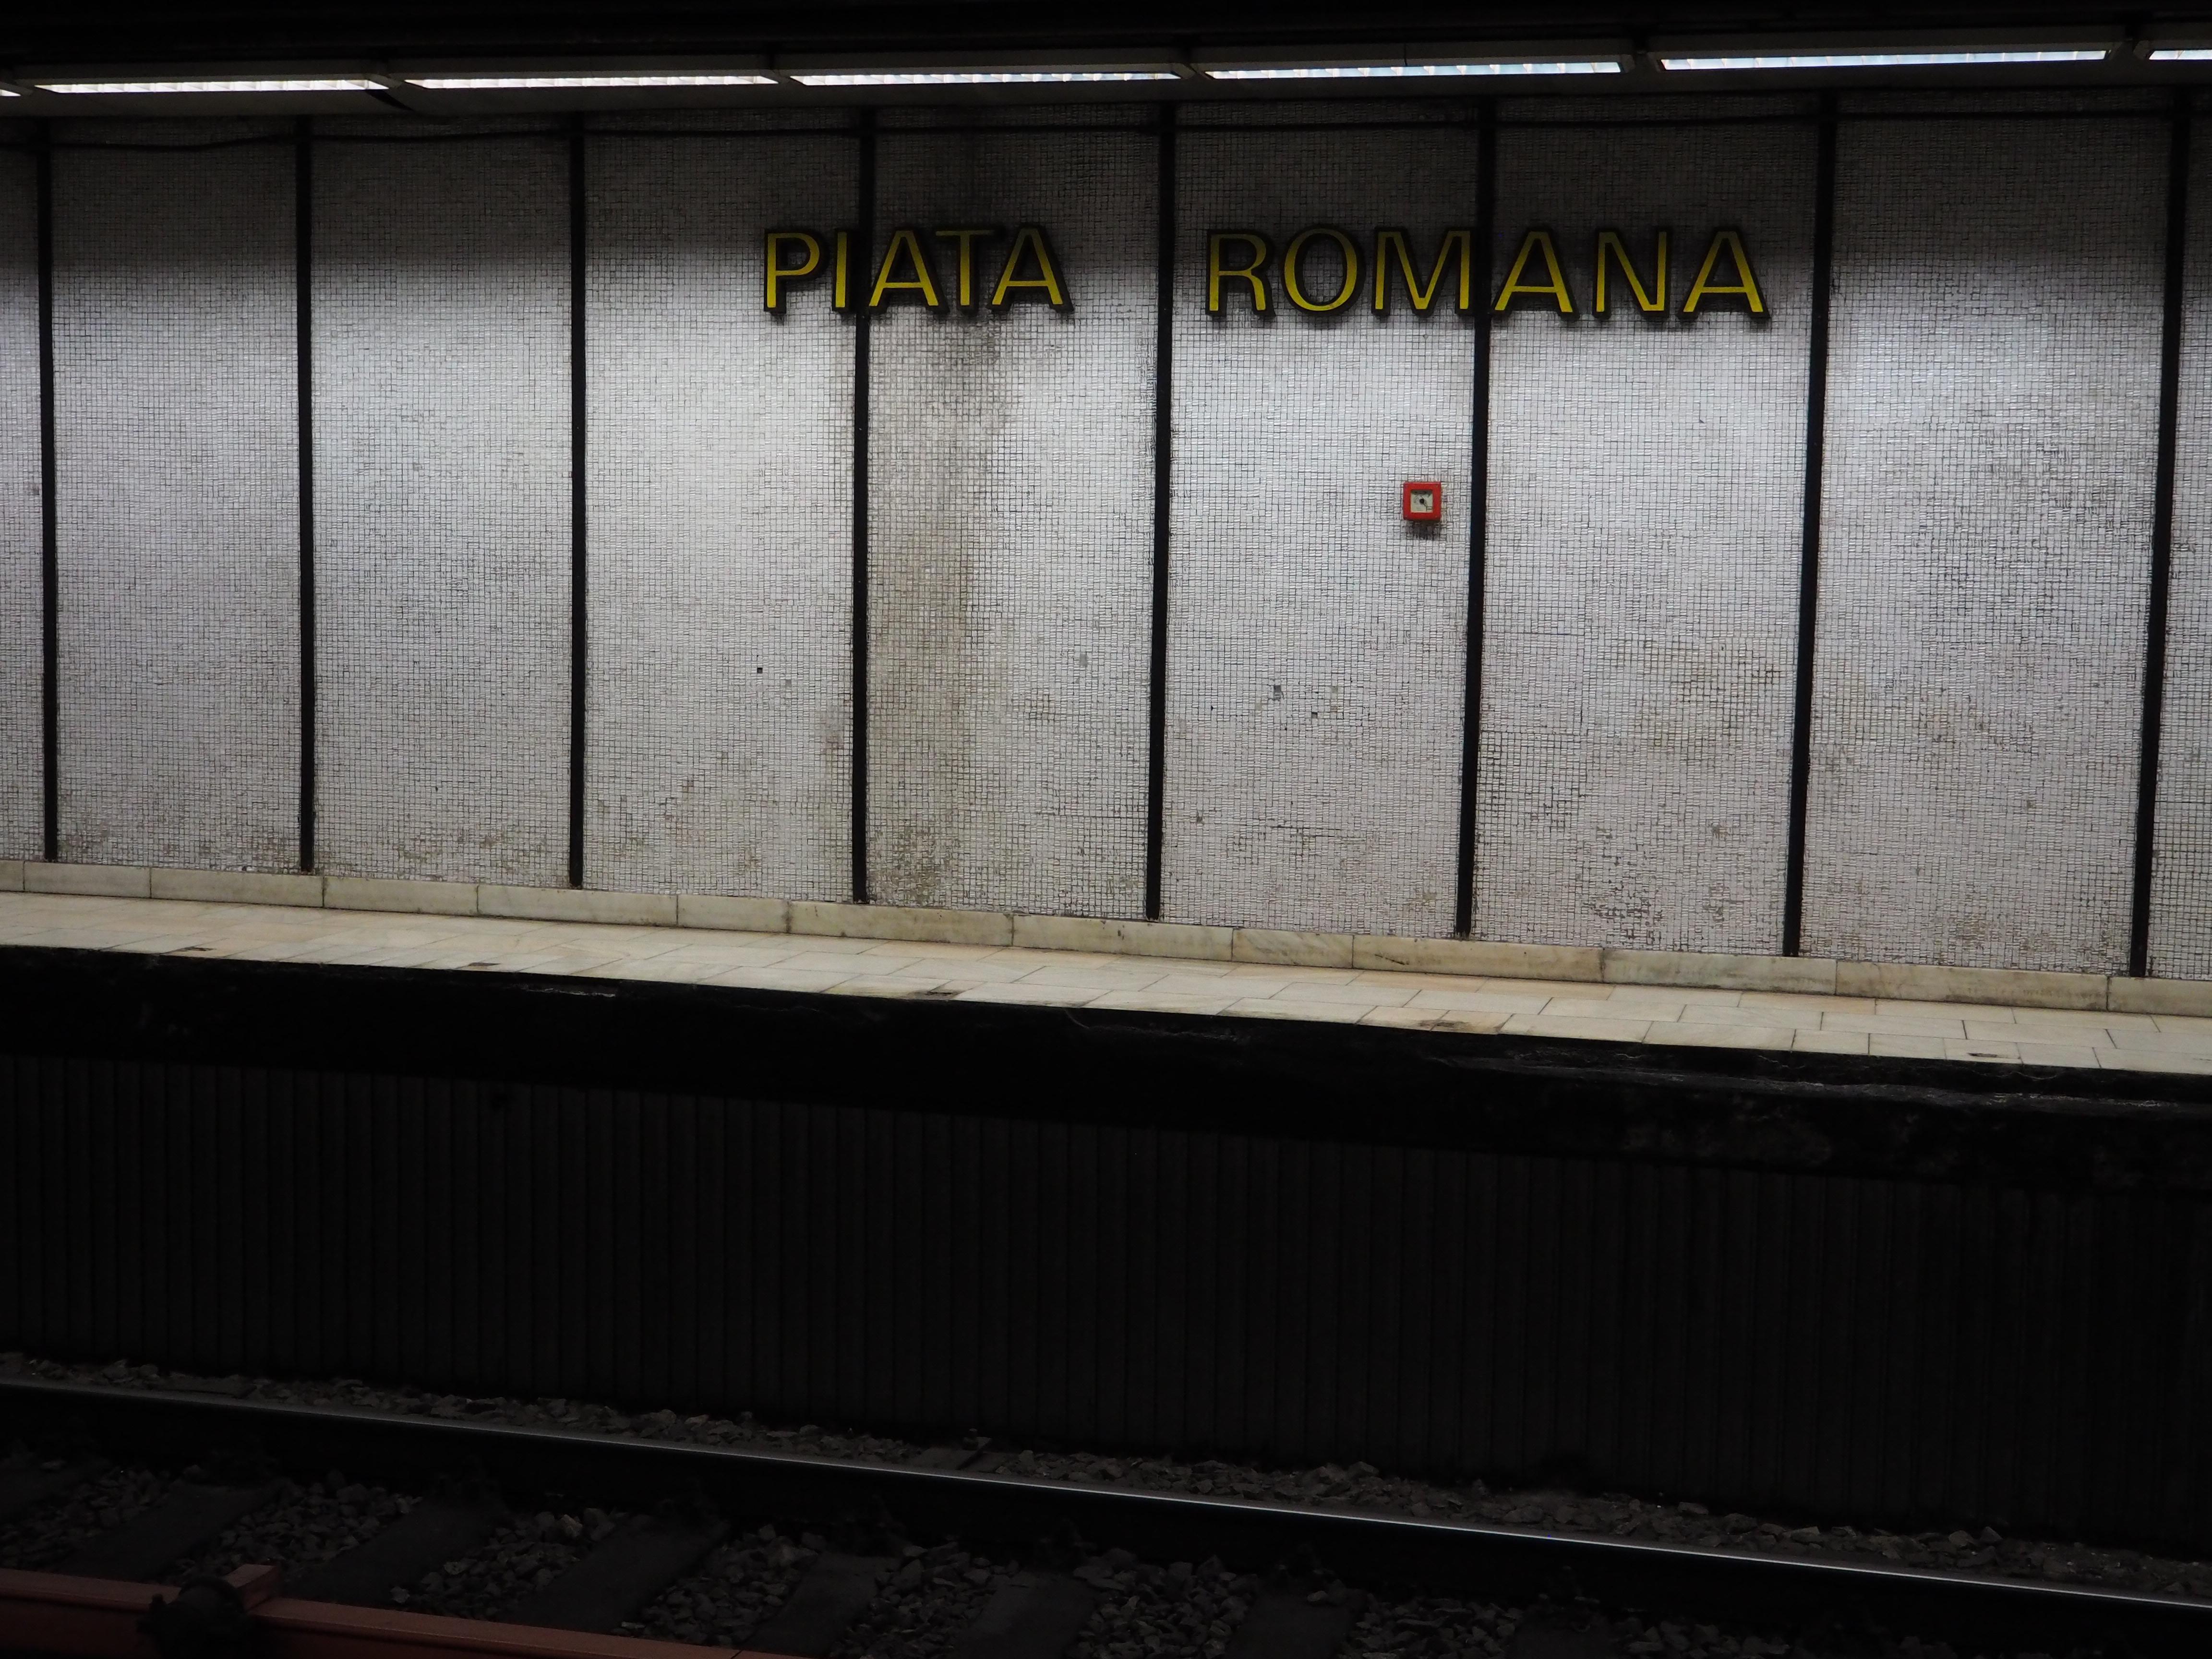 metro in Bucharest